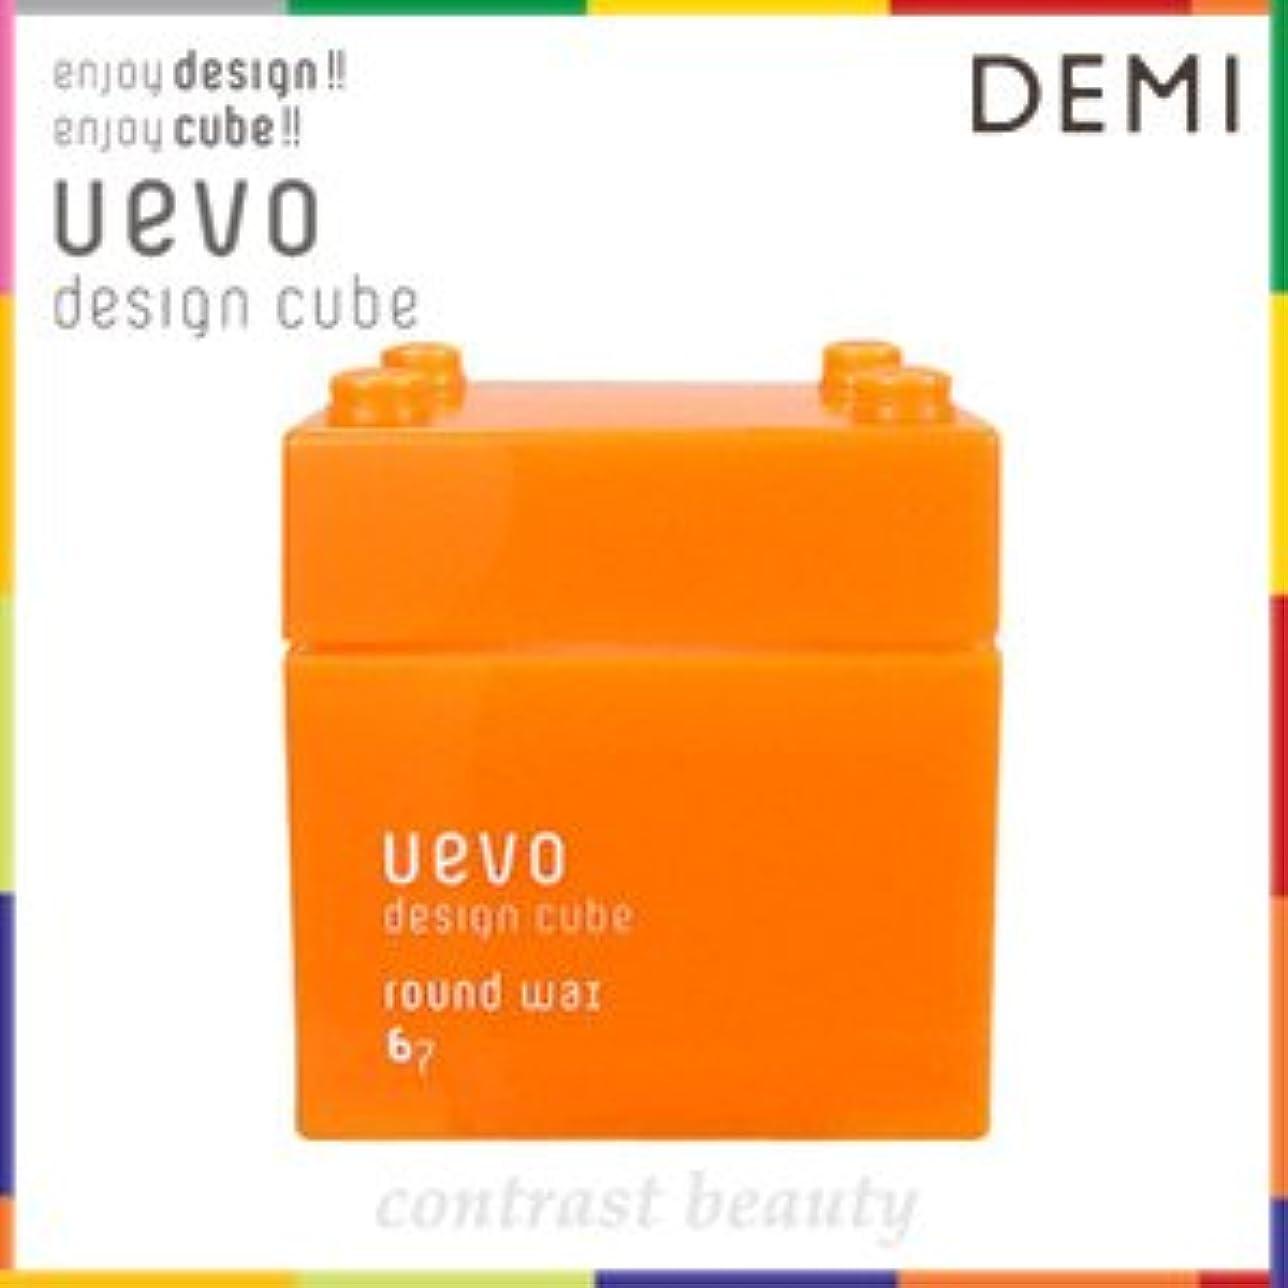 召喚する体系的に追う【X2個セット】 デミ ウェーボ デザインキューブ ラウンドワックス 80g round wax DEMI uevo design cube